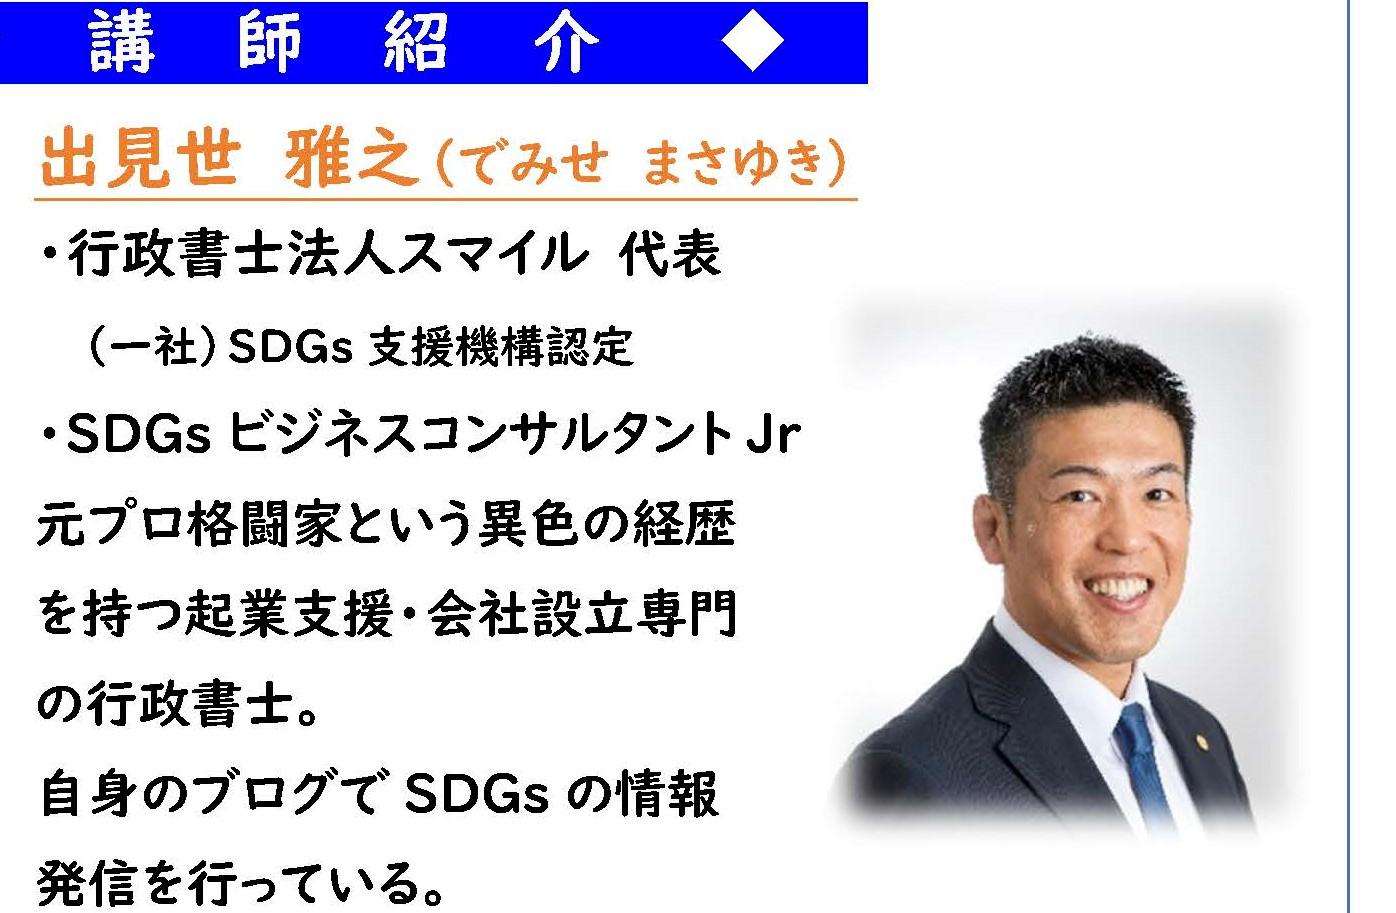 SDGsの専門家、SDGsのセミナー講師が得意な、行政書士法人スマイル(石川県)がSDGsについて親切・丁寧ご説明します!